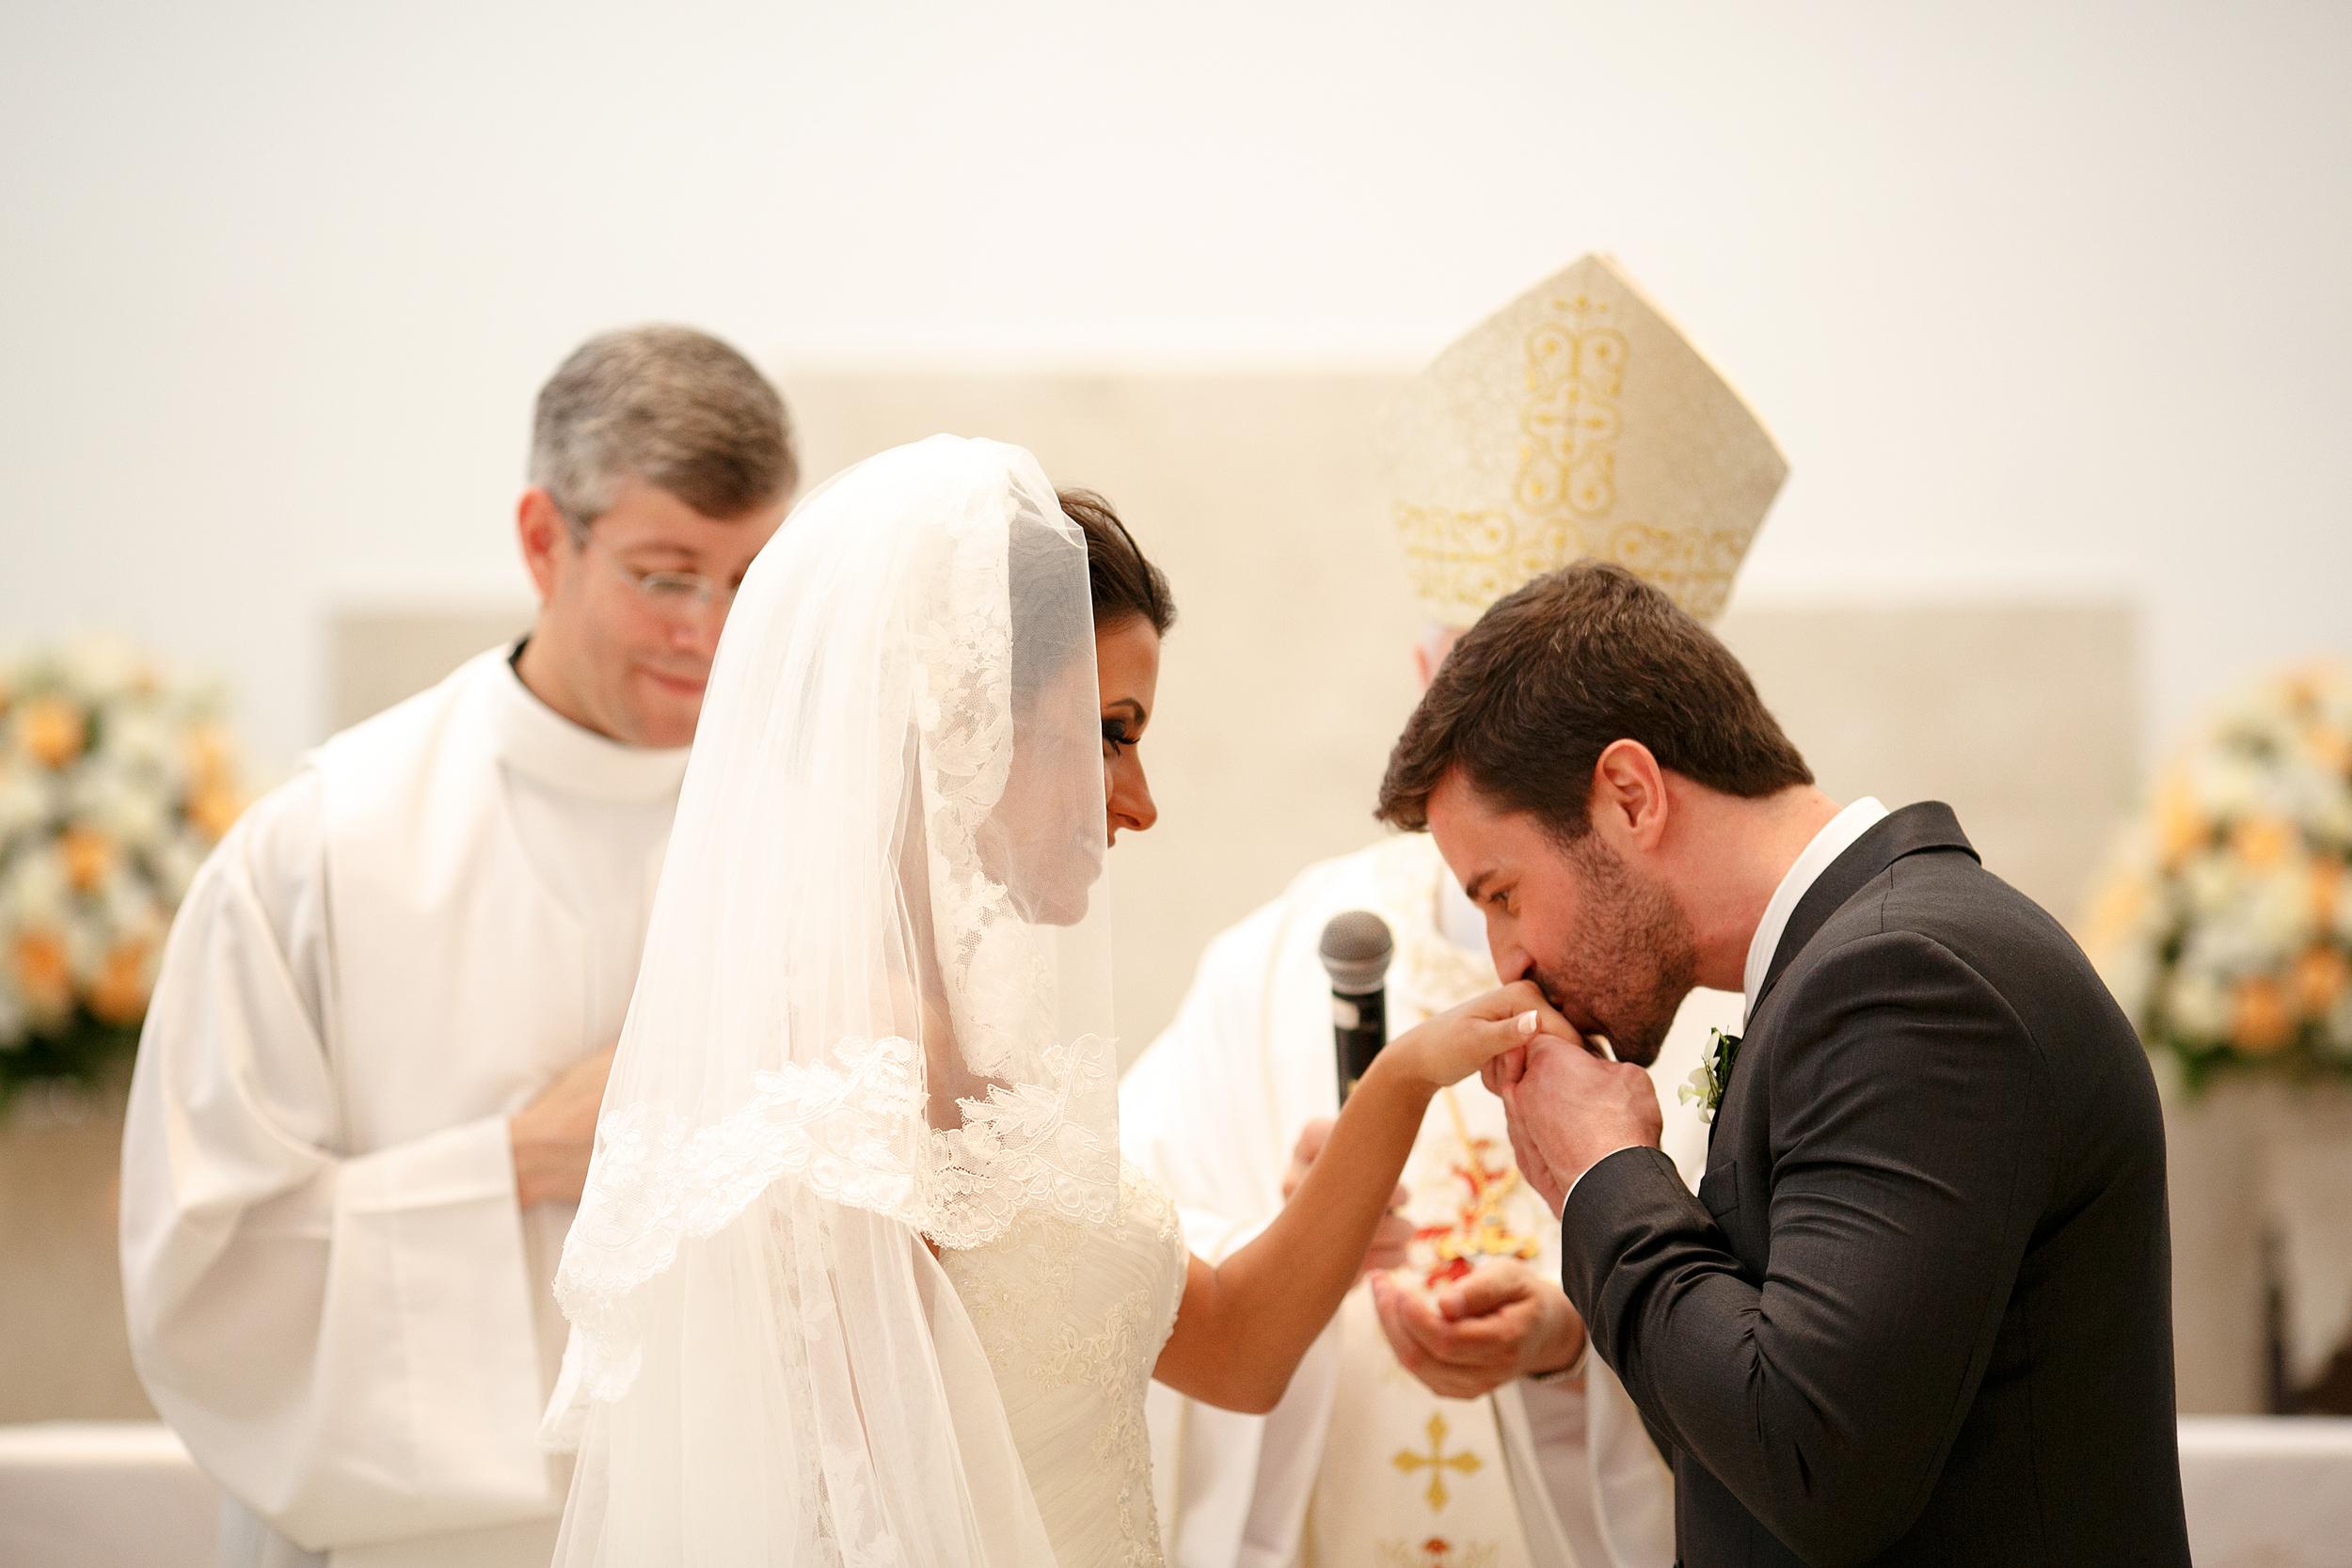 casamento curitiba _46.JPG